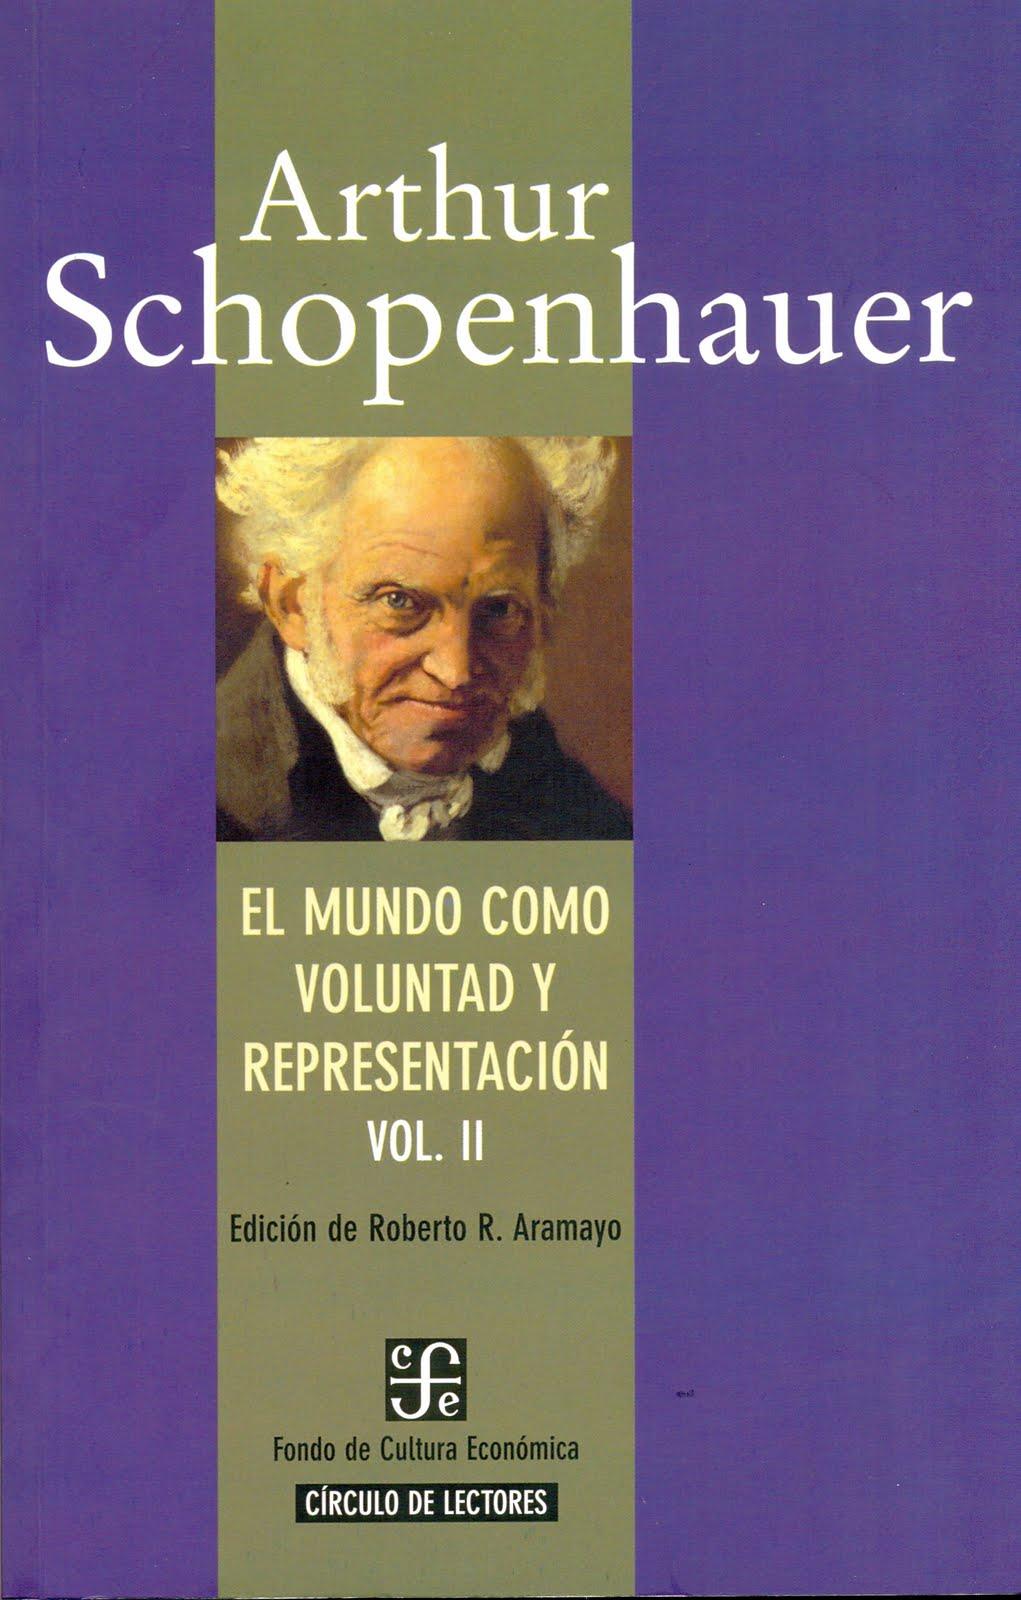 mundo%2Bcomo%2Bvoluntad%2By%2Brepresentacion El Mundo Como Voluntad Y Representacion   Arturo Schopenhauer